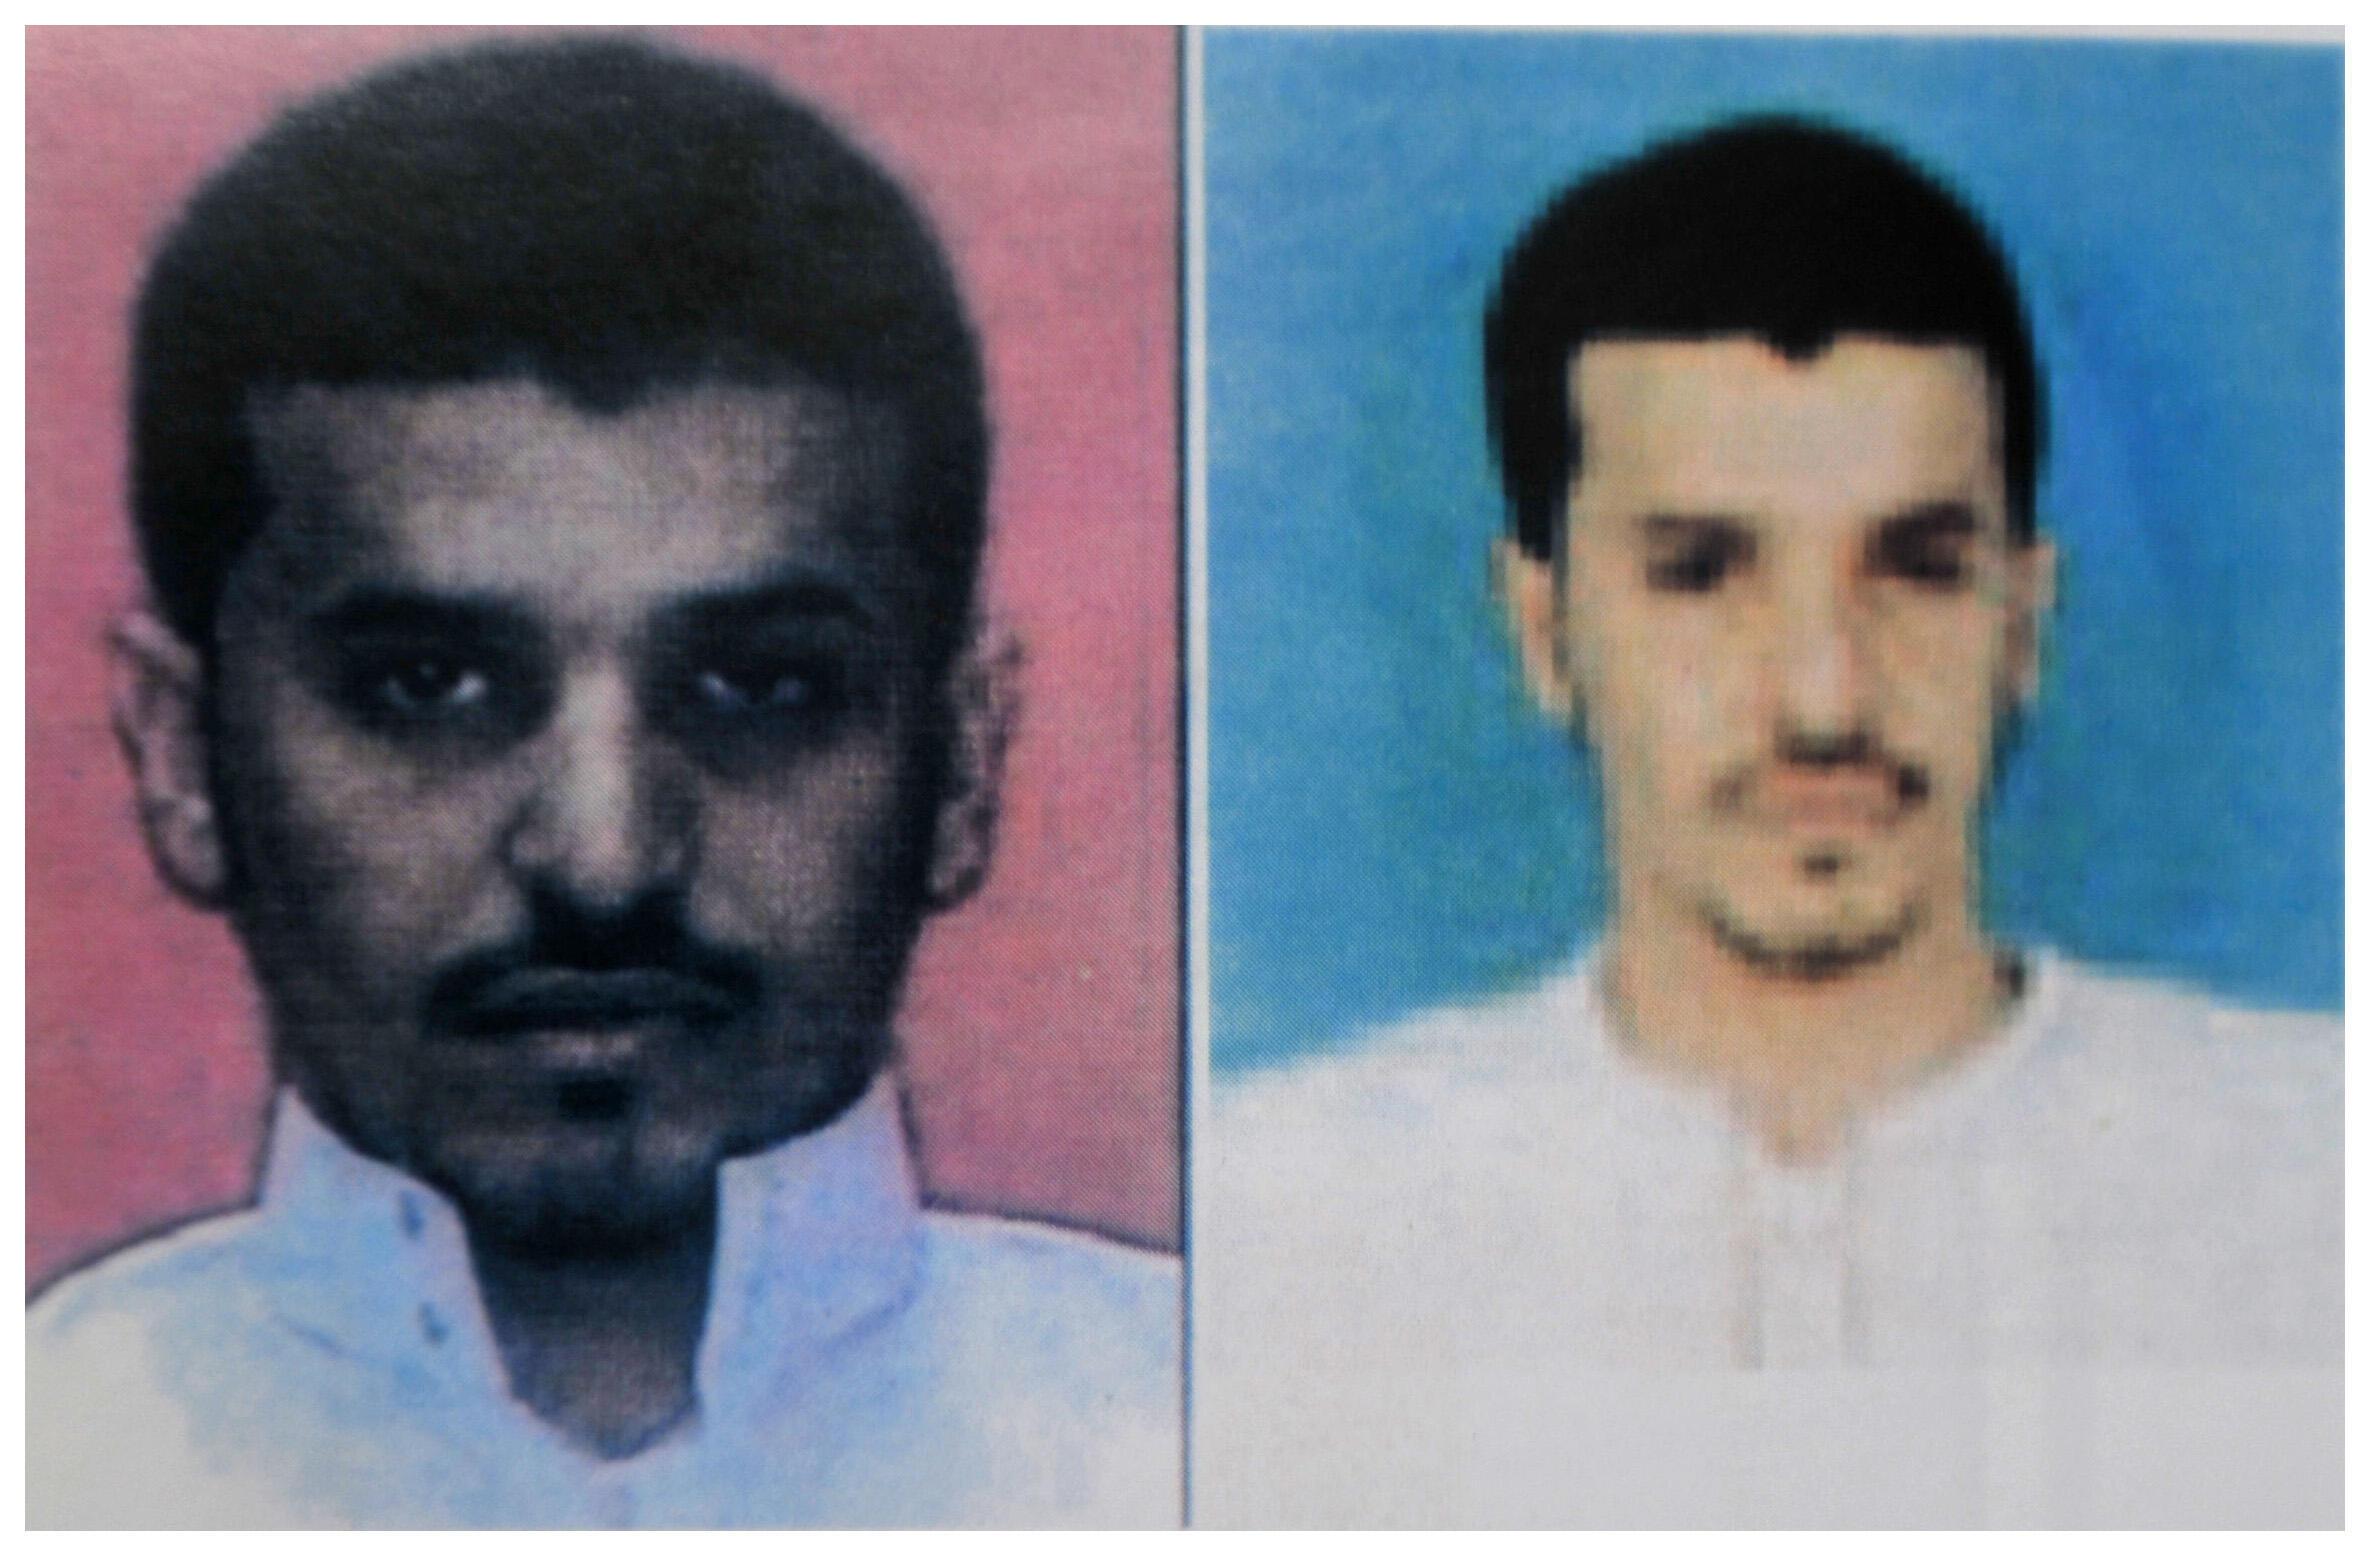 Retratos de Hassan al Asiri, procurado pela polícia iemenita.